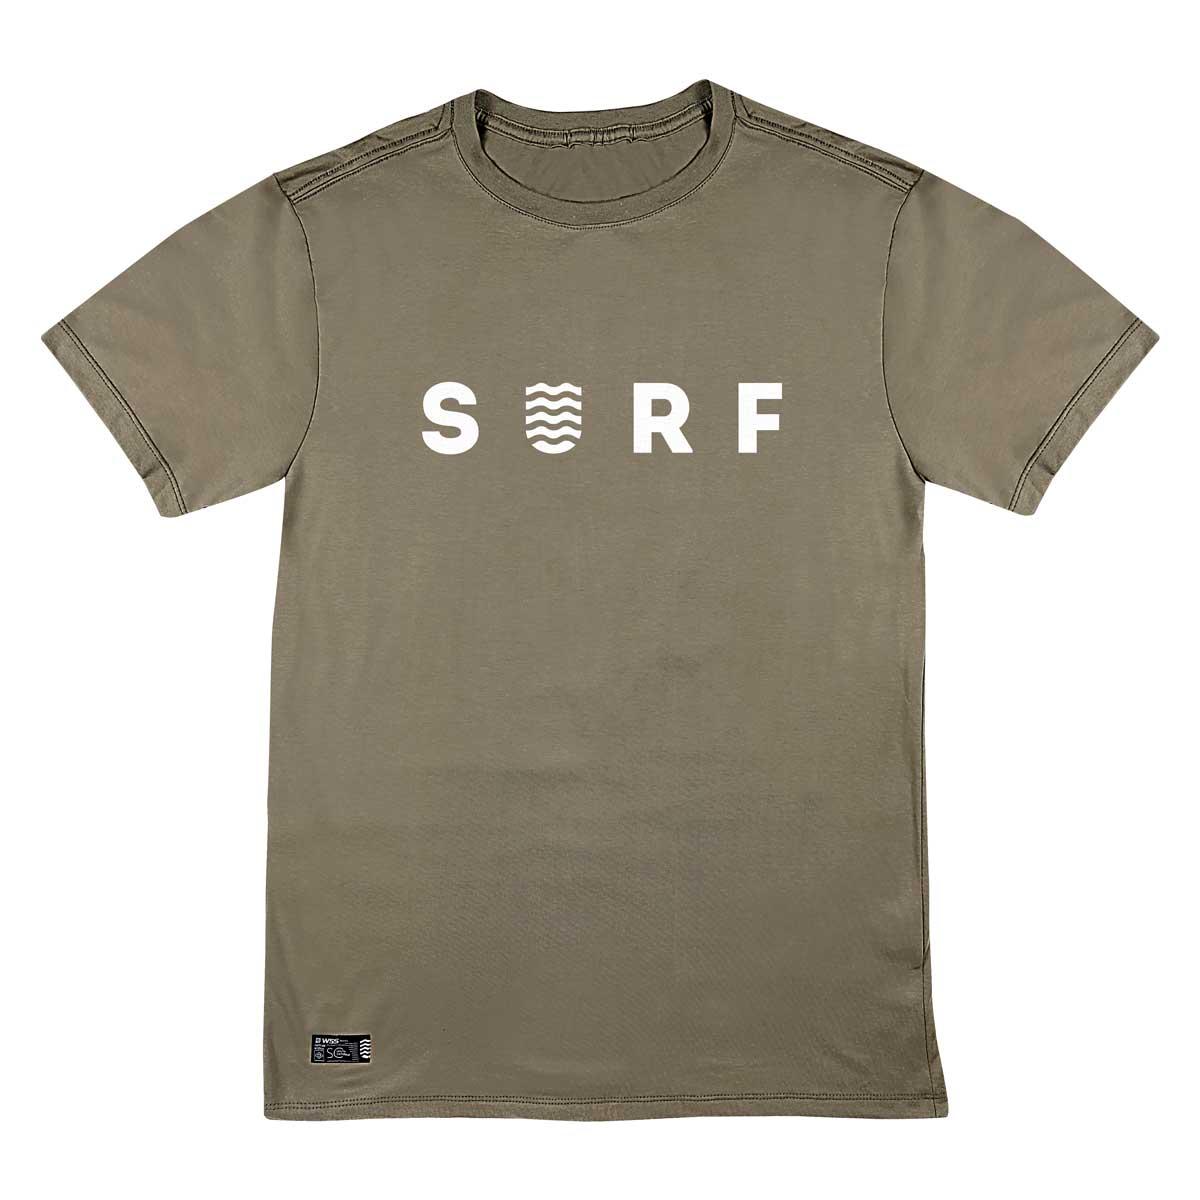 Camiseta WSS Brasil Surf Khaki